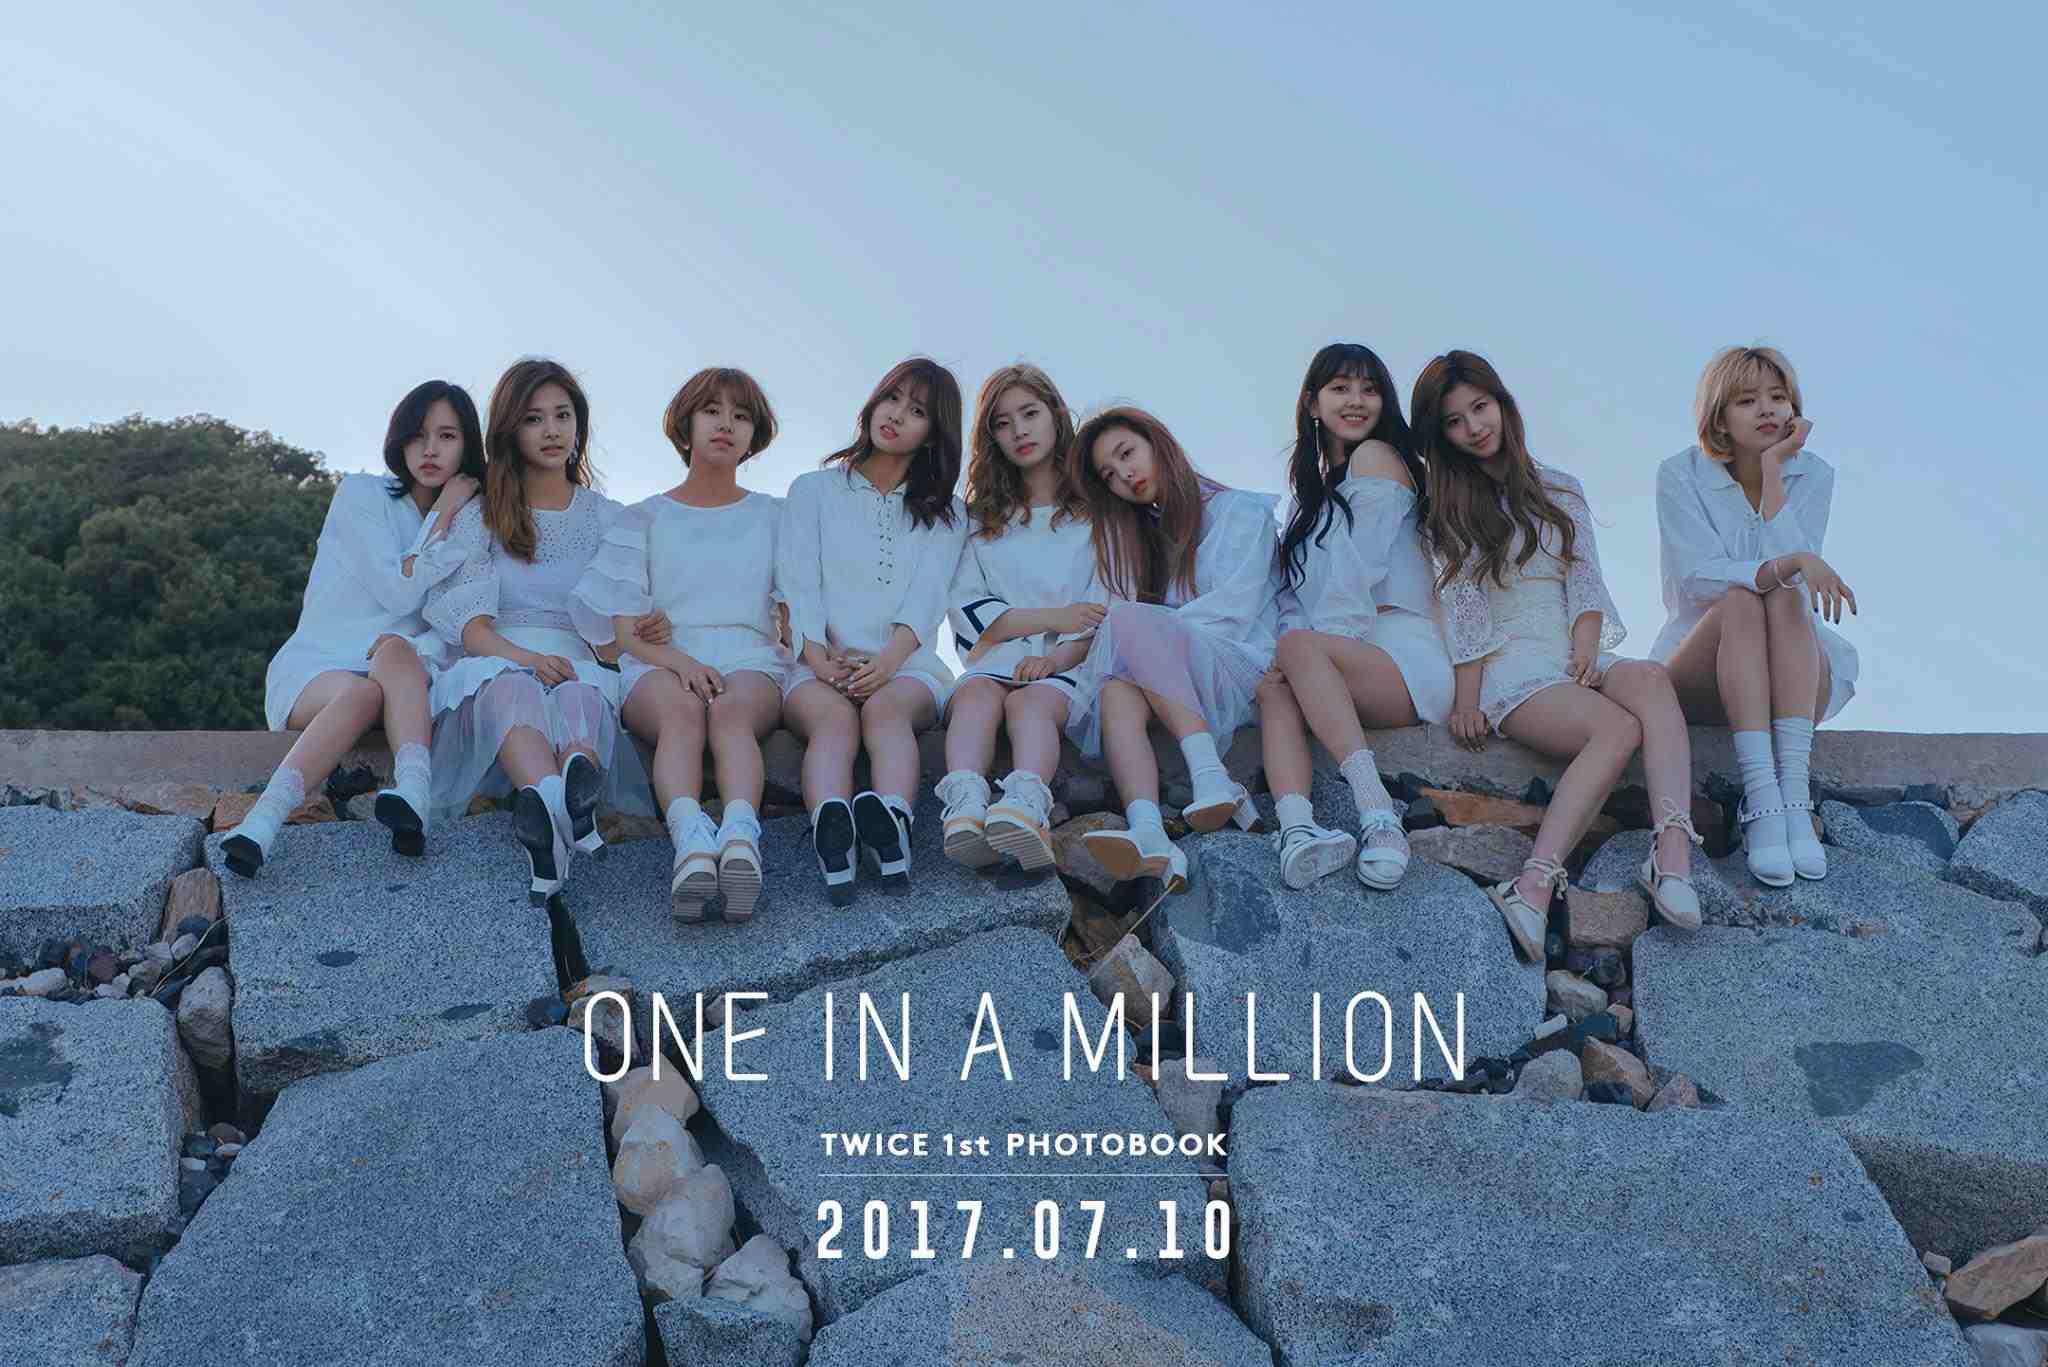 TOP4 TWICE 韓國的大勢女團TWICE最近正積極的展開日本出道及宣傳的活動,雖然短期沒有辦法常常看到TWICE出現在韓國的節目上,但相信她們很快就會再回歸啦~粉絲朋友在耐心等待一下下~